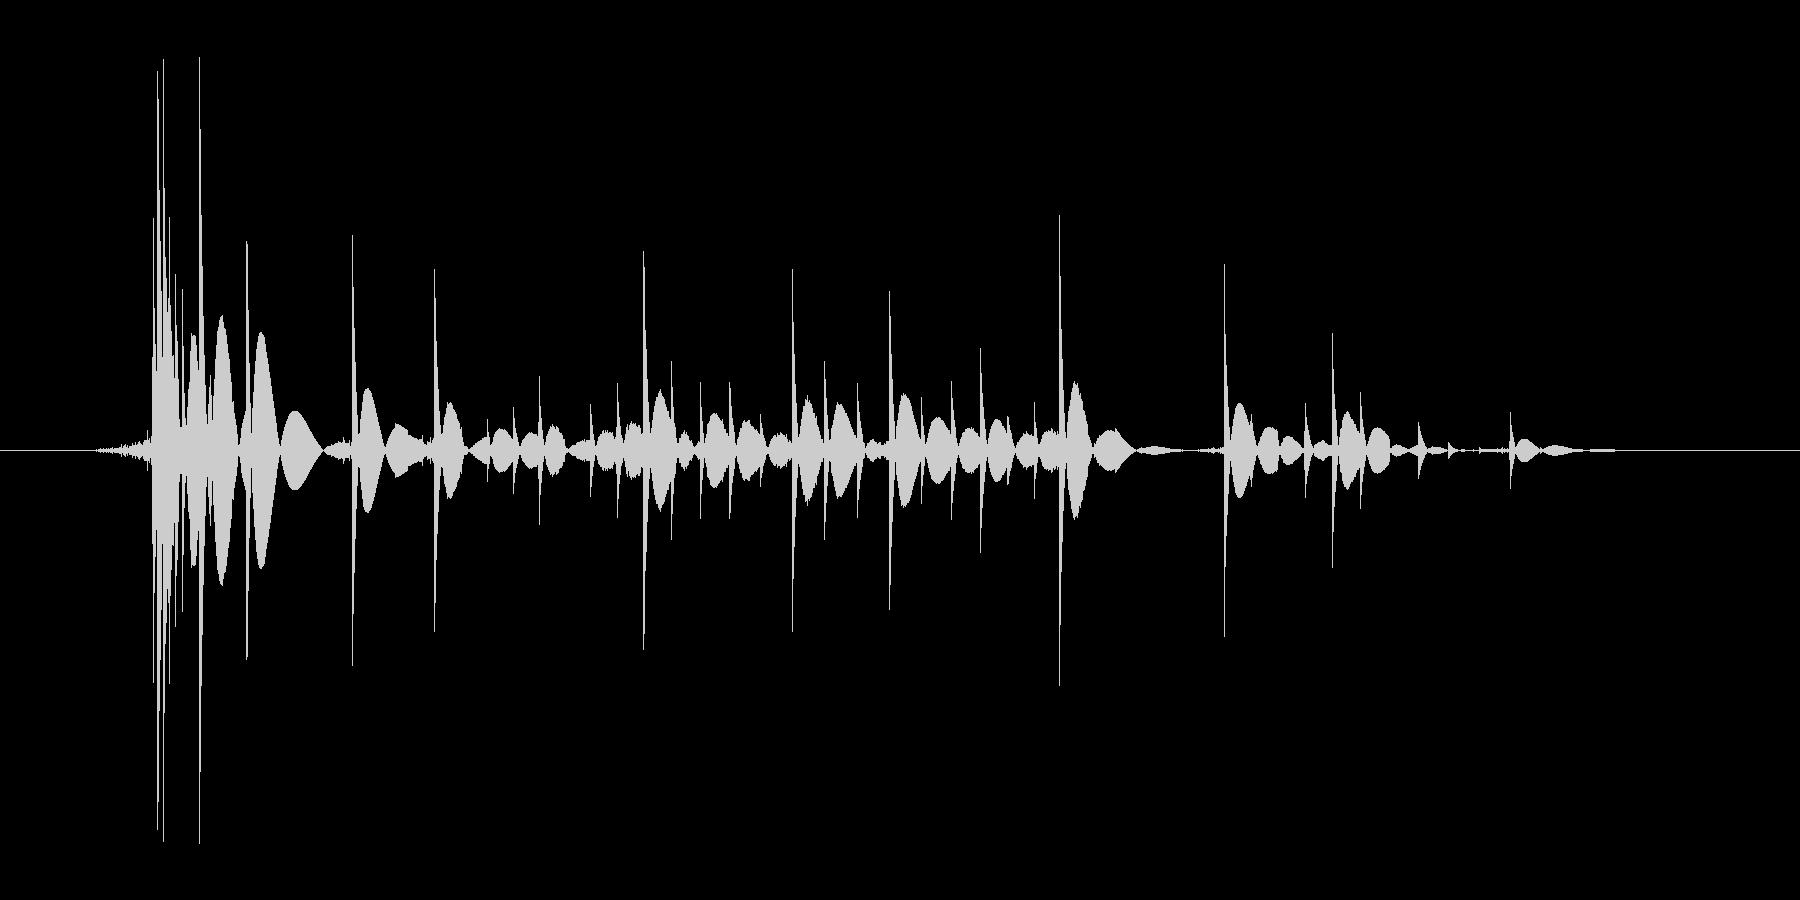 ゲーム(ファミコン風)爆発音_014の未再生の波形